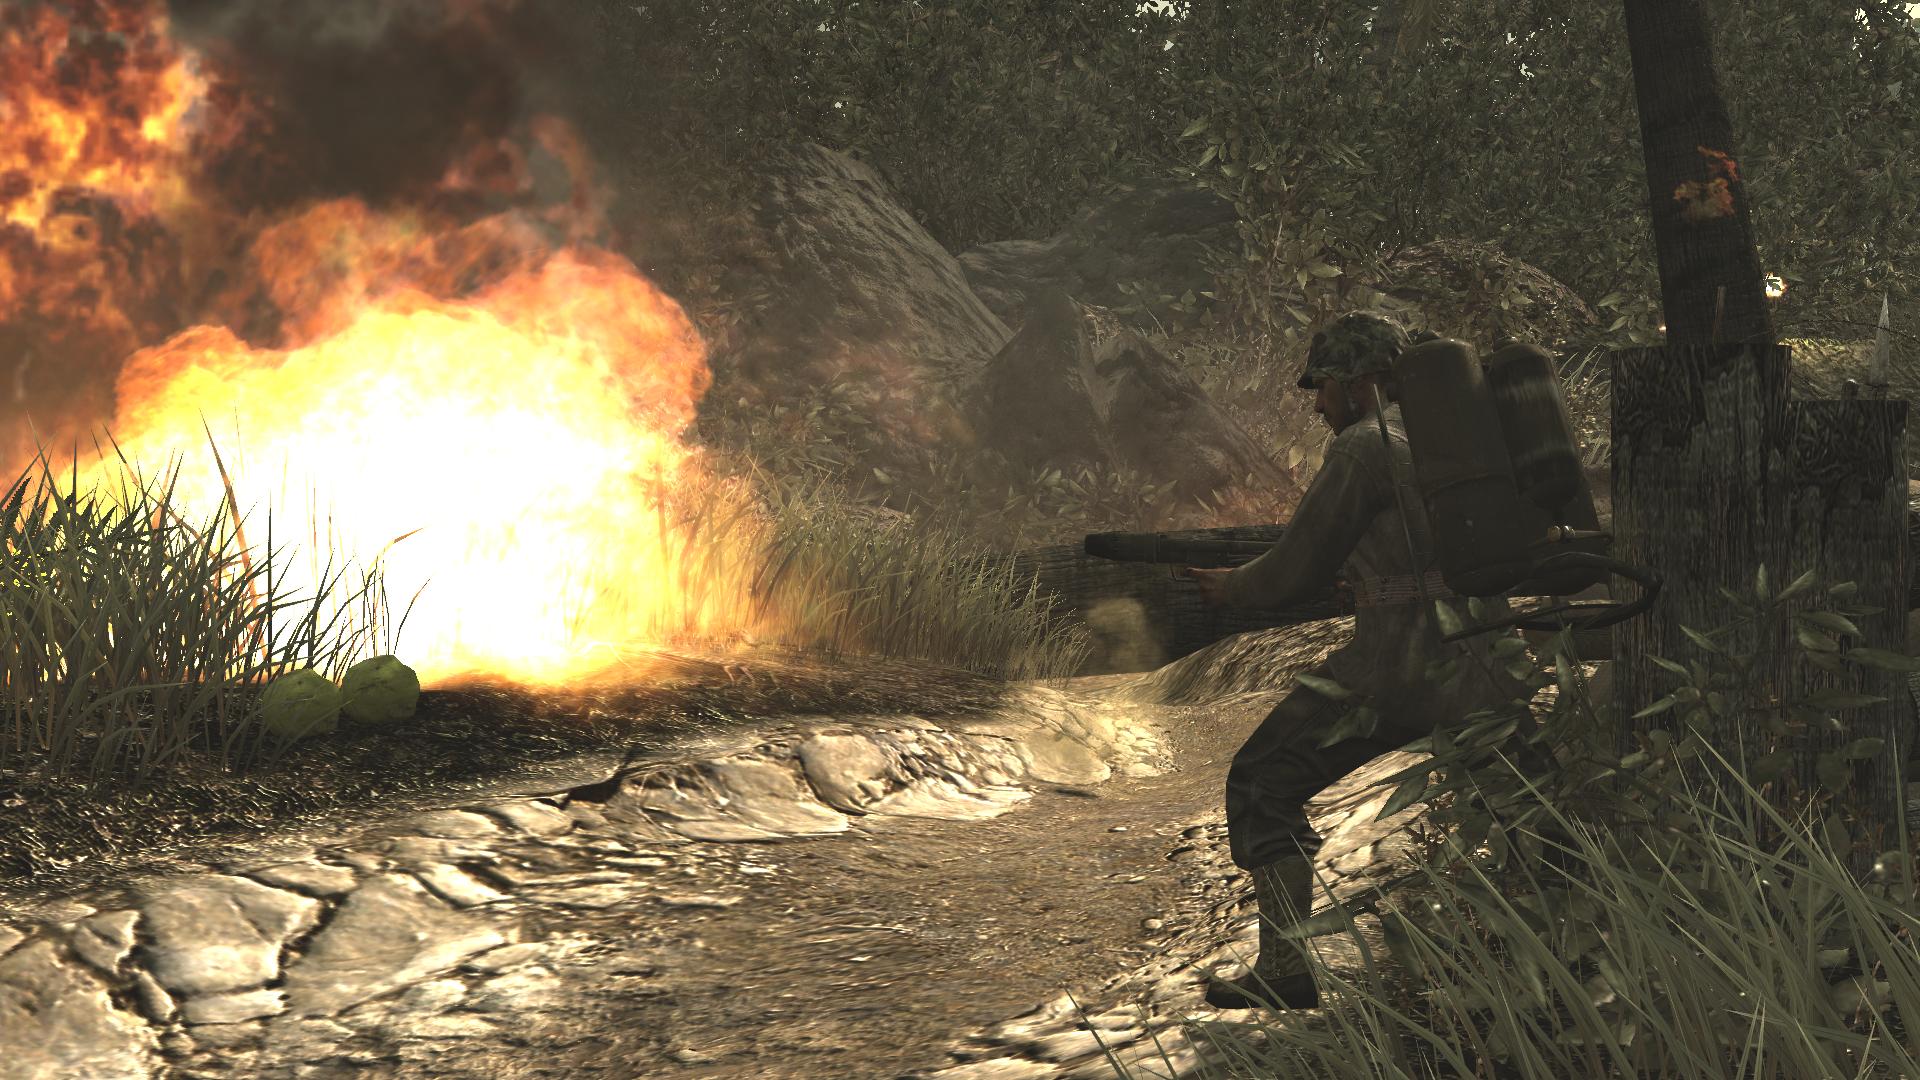 Αρχείο:Flamethrower being used WaW.png